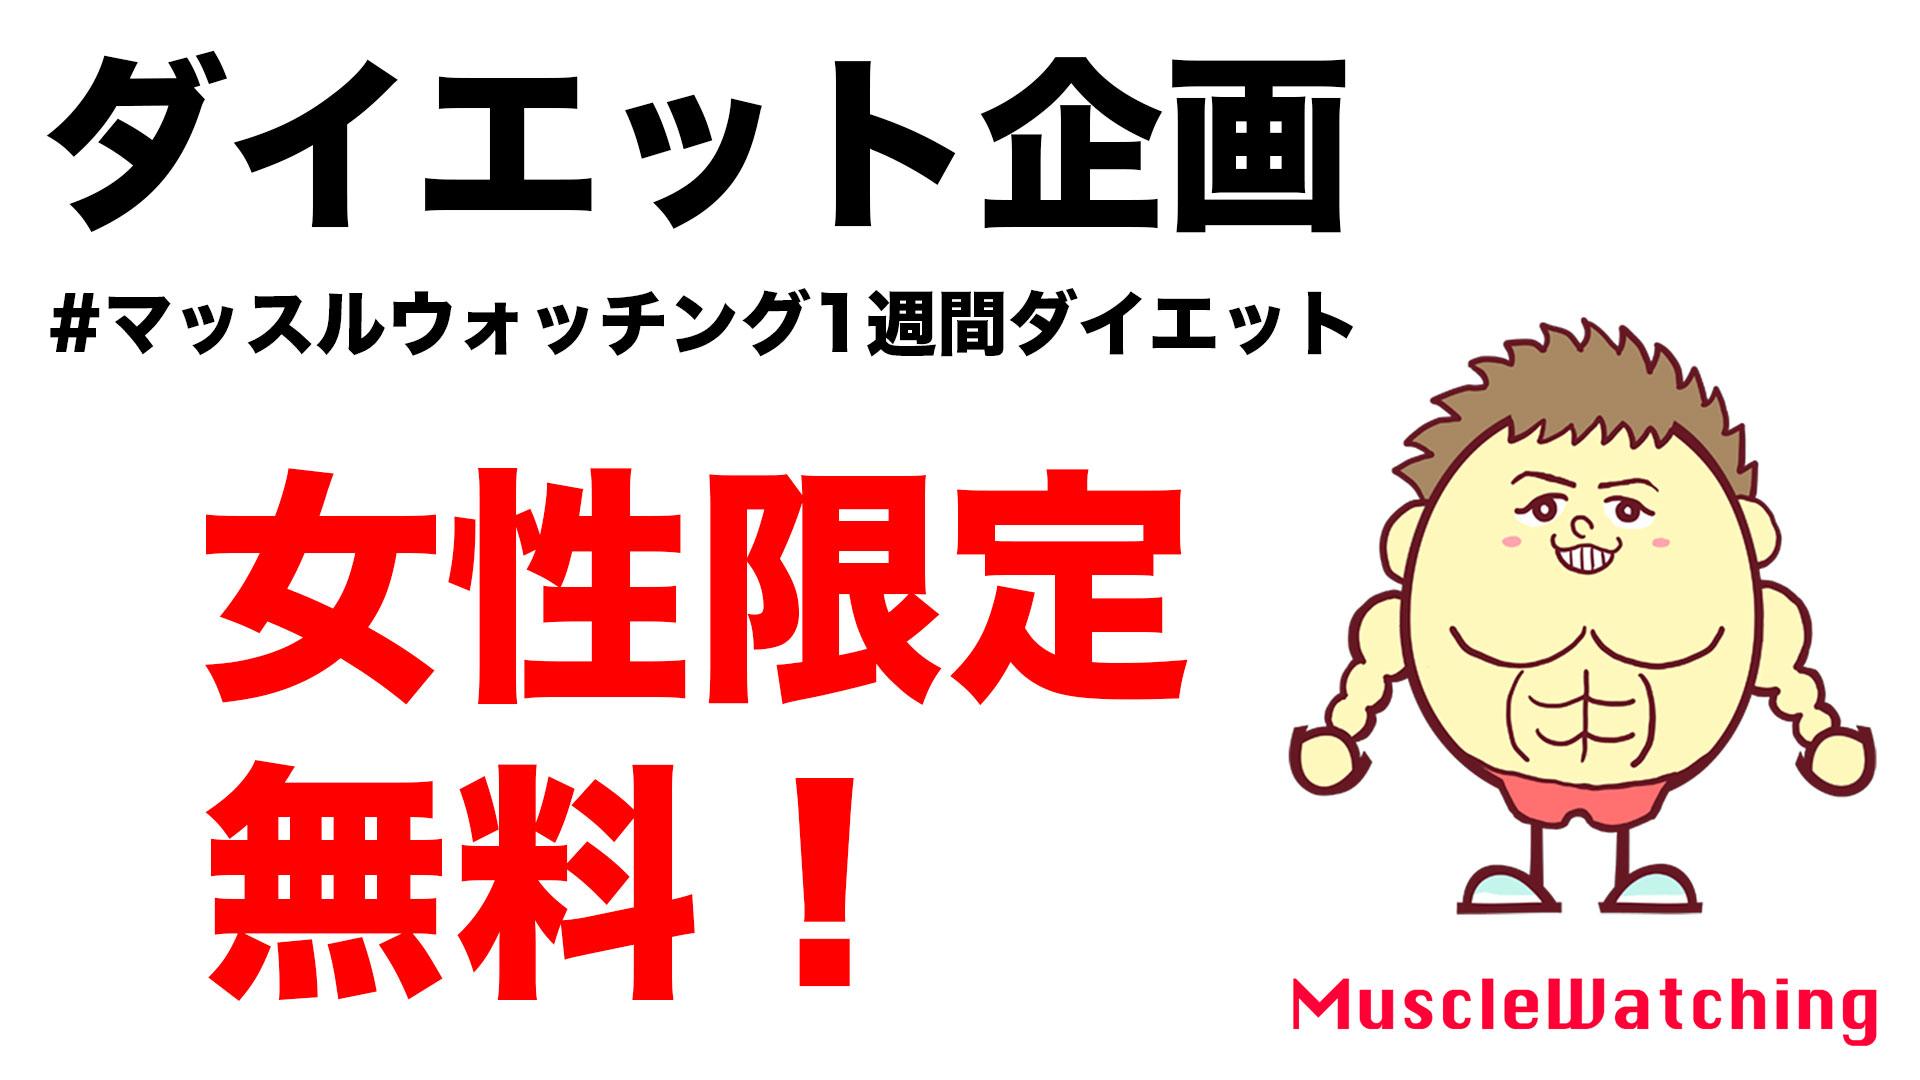 【無料】女性限定1週間ダイエット企画について! | Muscle Watching